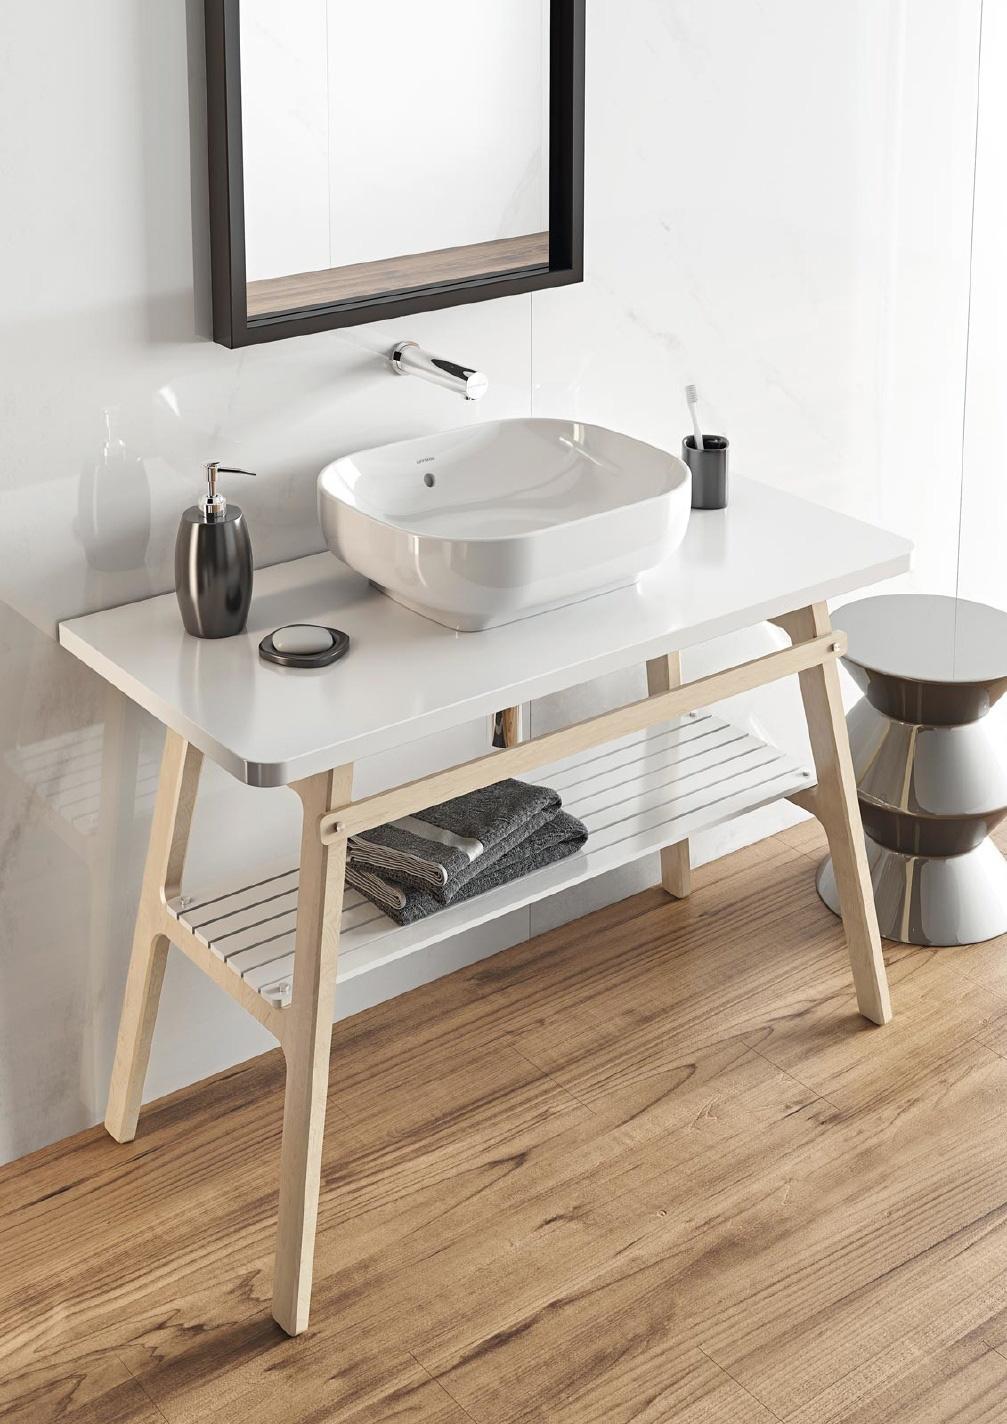 waschbecken sanibold 480 x 400 x 150 waschbecken. Black Bedroom Furniture Sets. Home Design Ideas